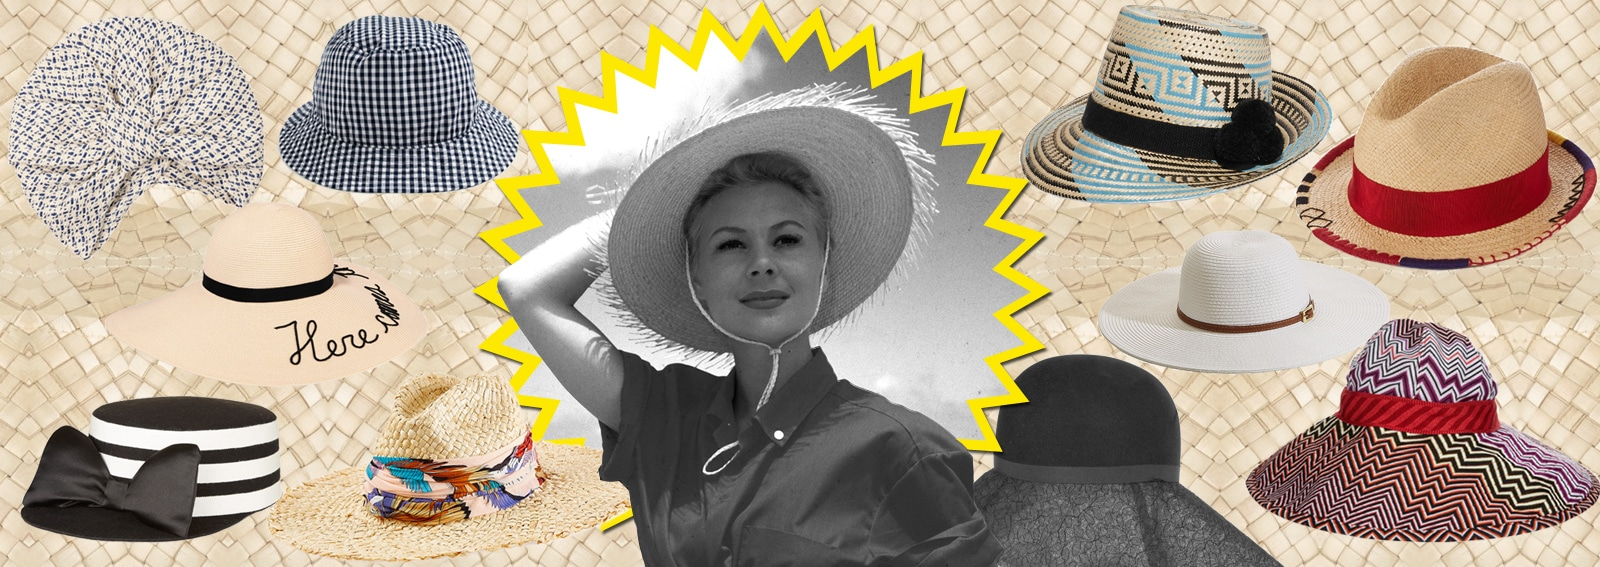 cover cappelli i modelli per l'estate dekstop